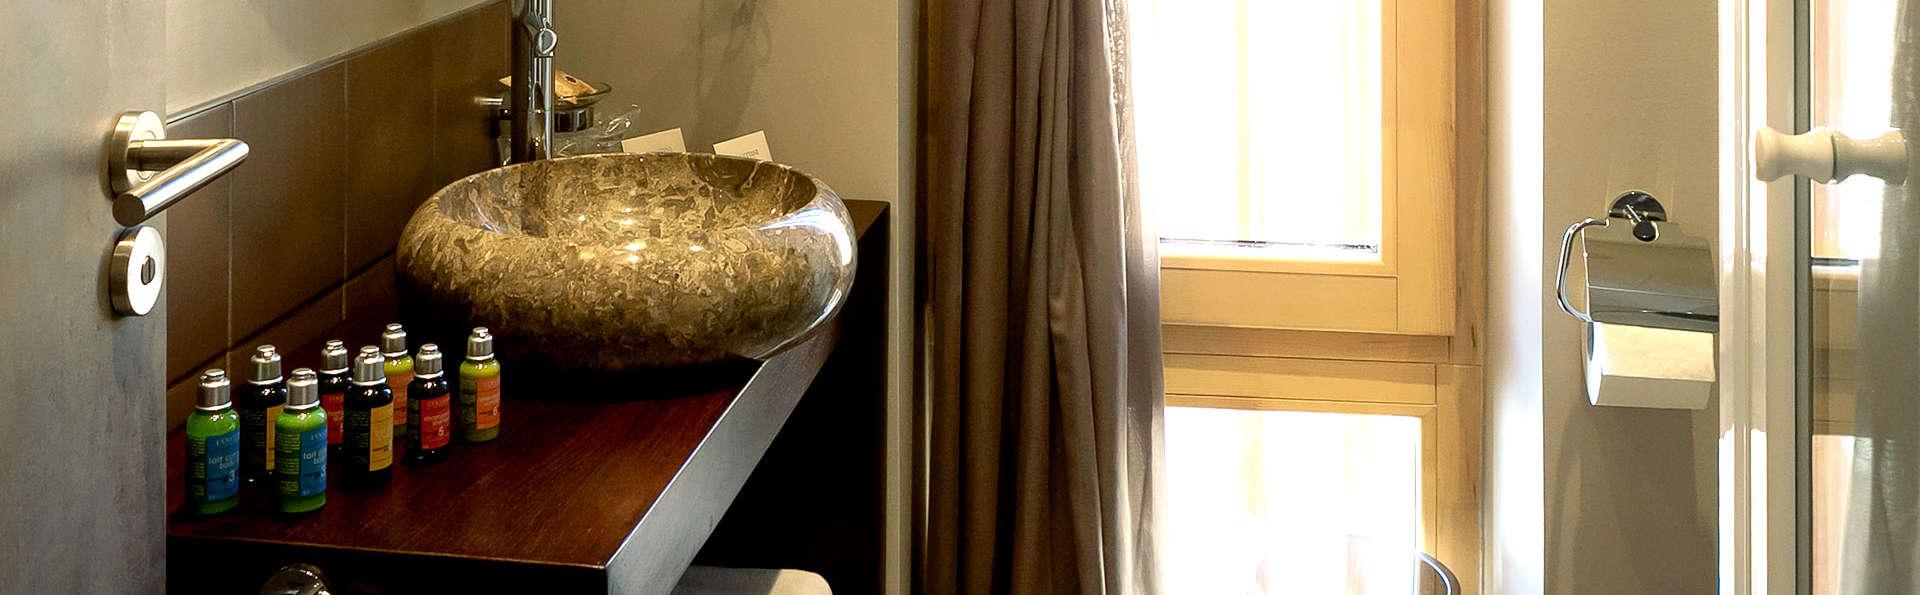 L'Aiguille Grive Chalets Hôtel - Edit_Bathroom.jpg